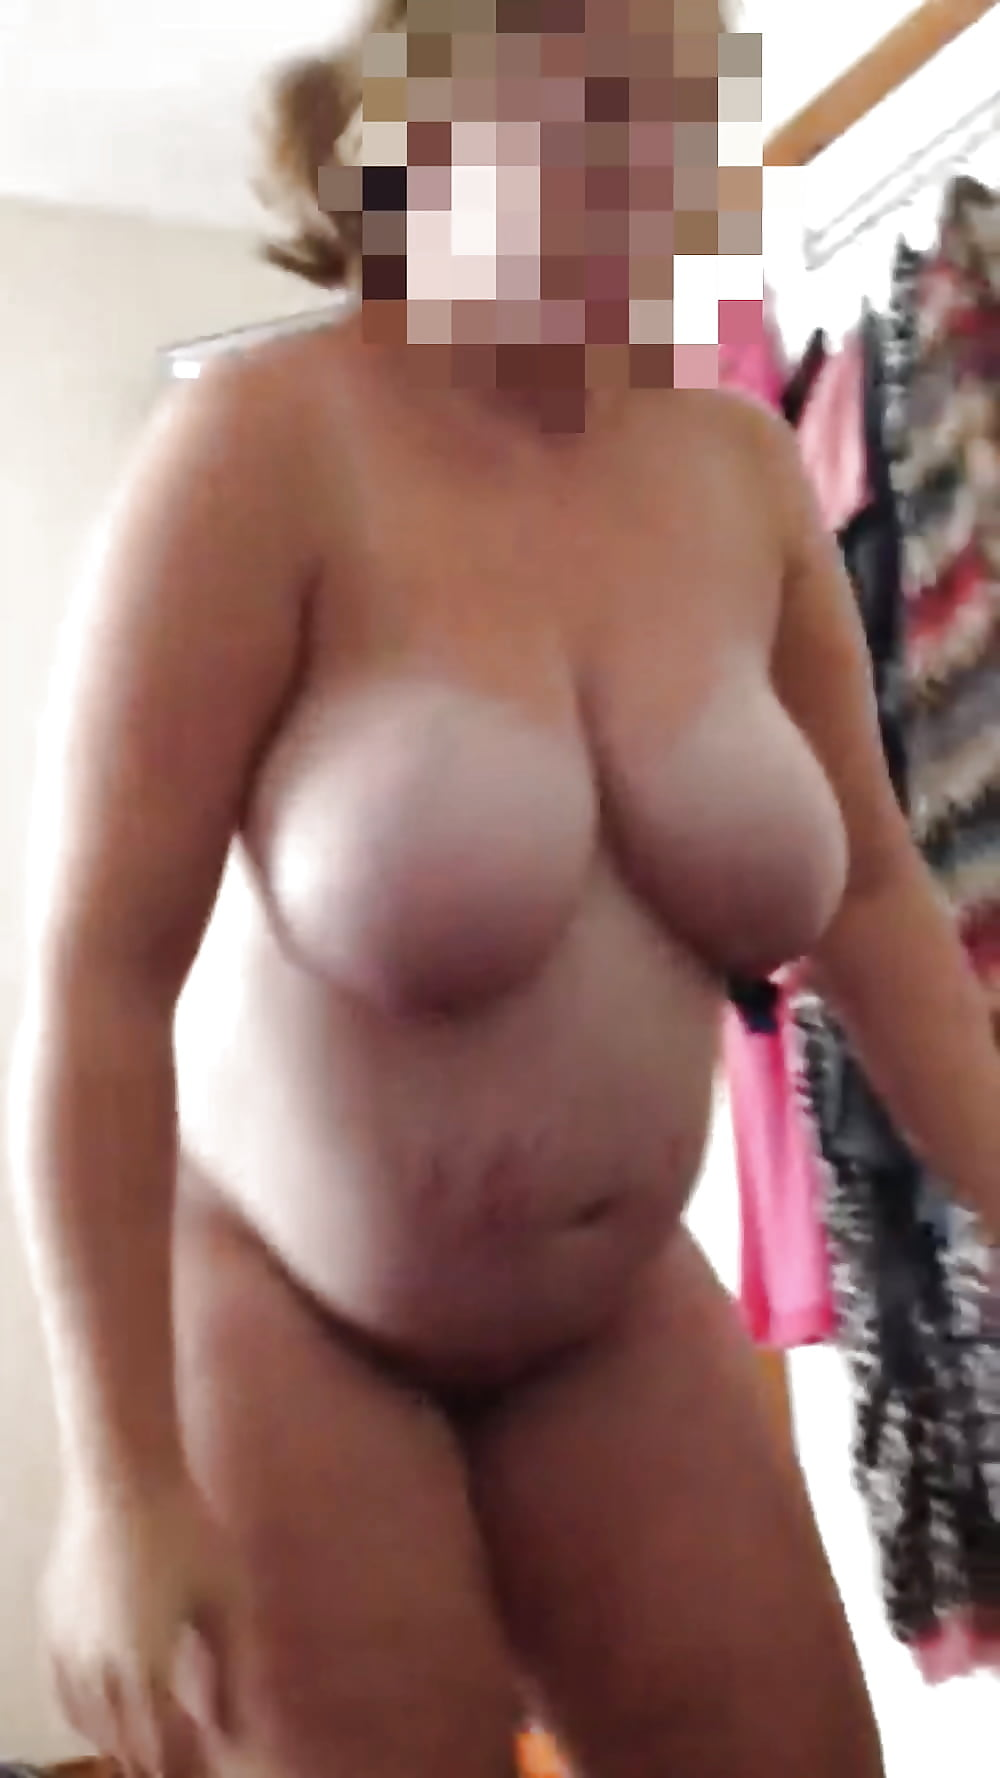 Hot naked tits pics-9954